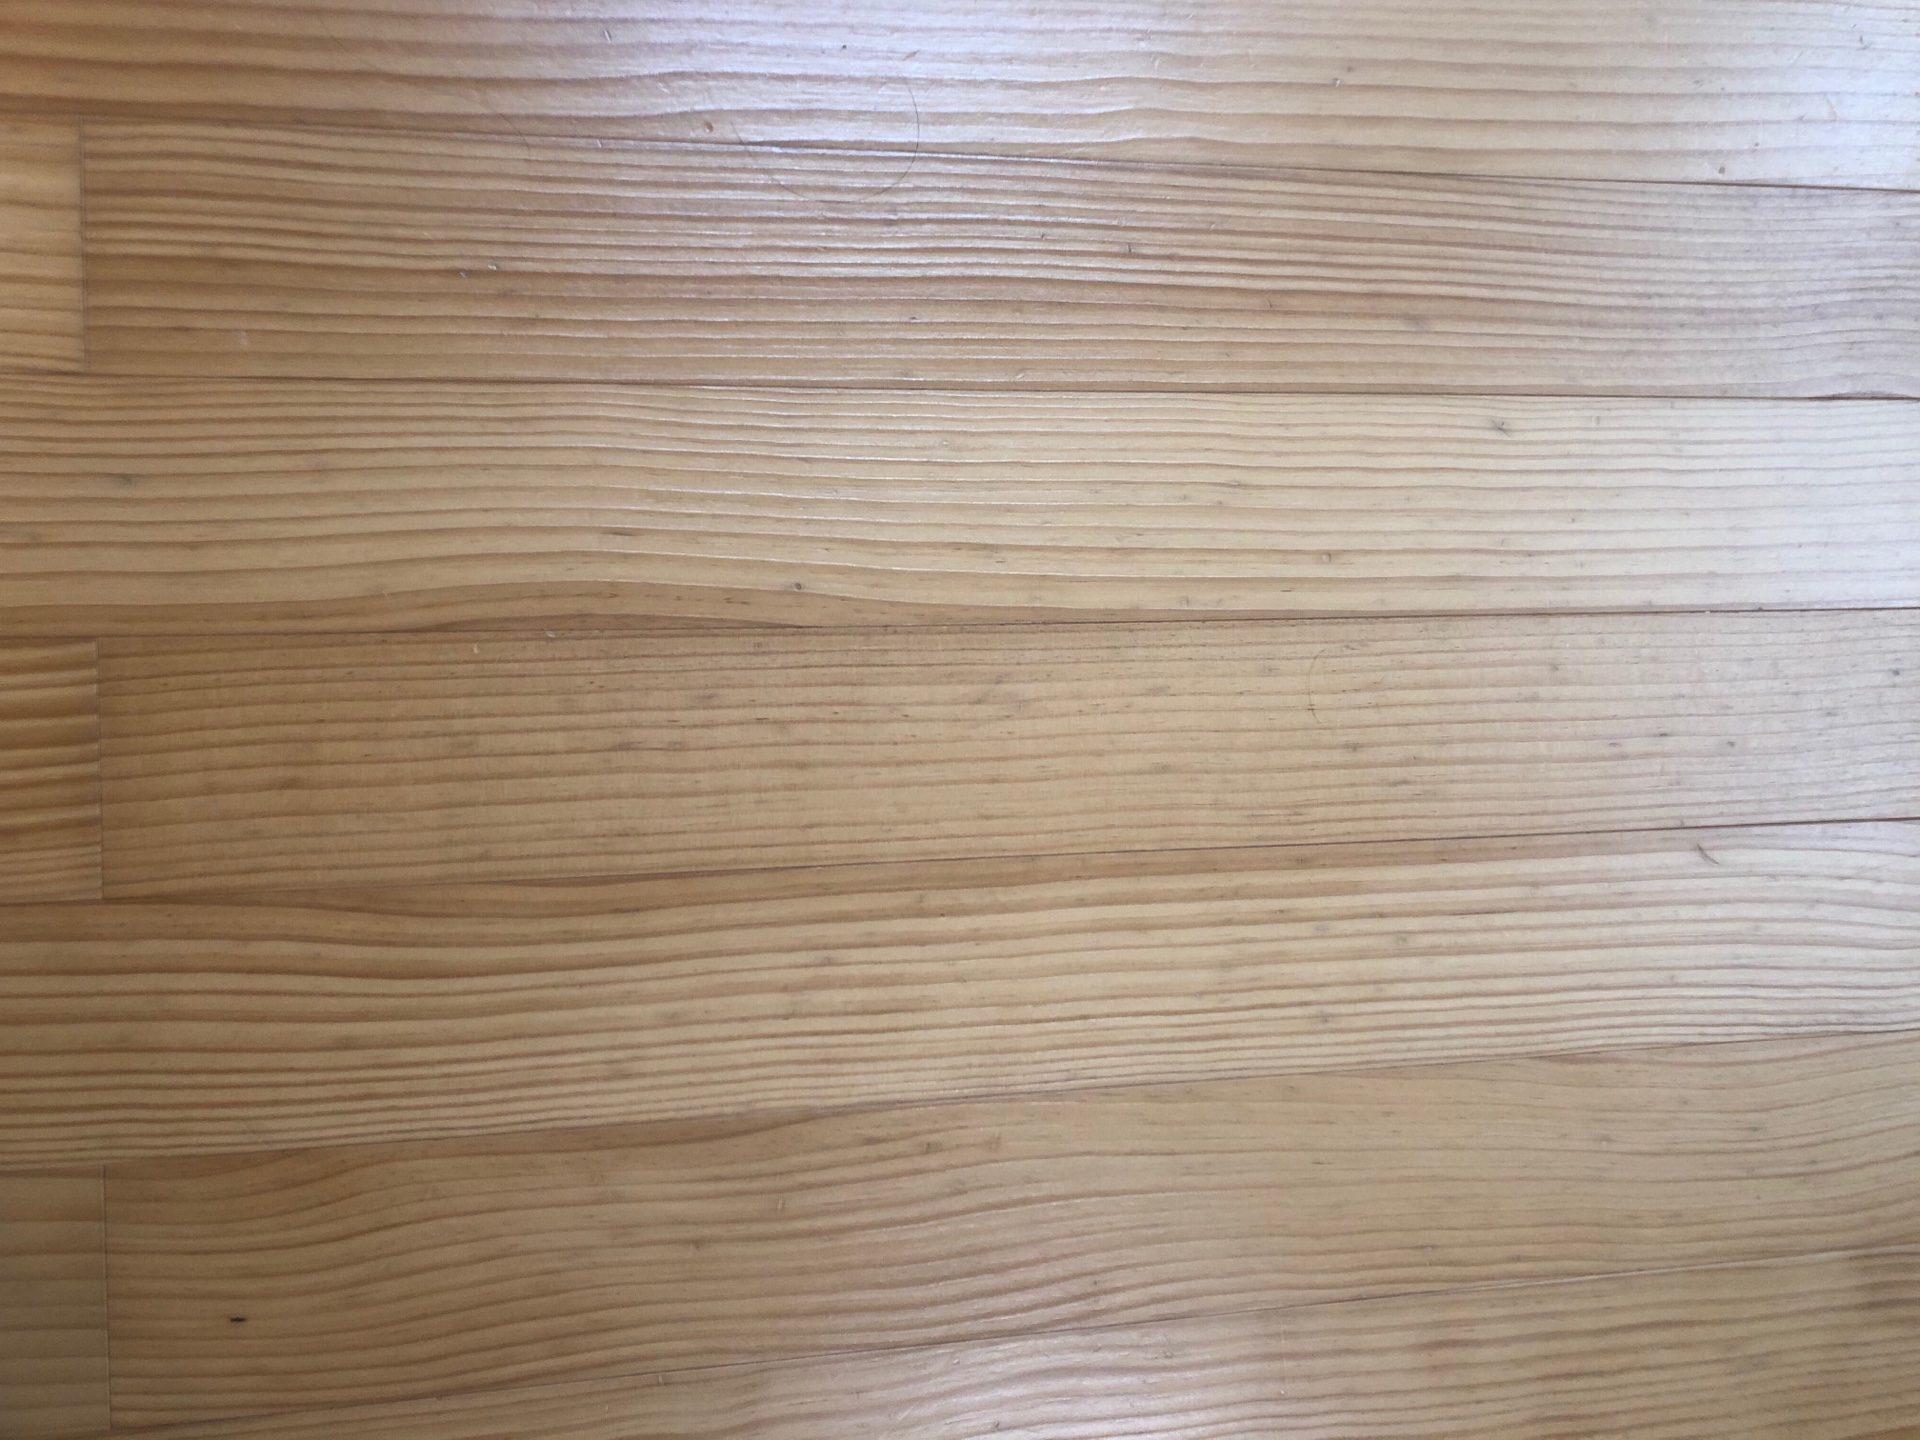 ウッドワンの床材ピノアース(ウレタン塗装)4年目が汚すぎる件